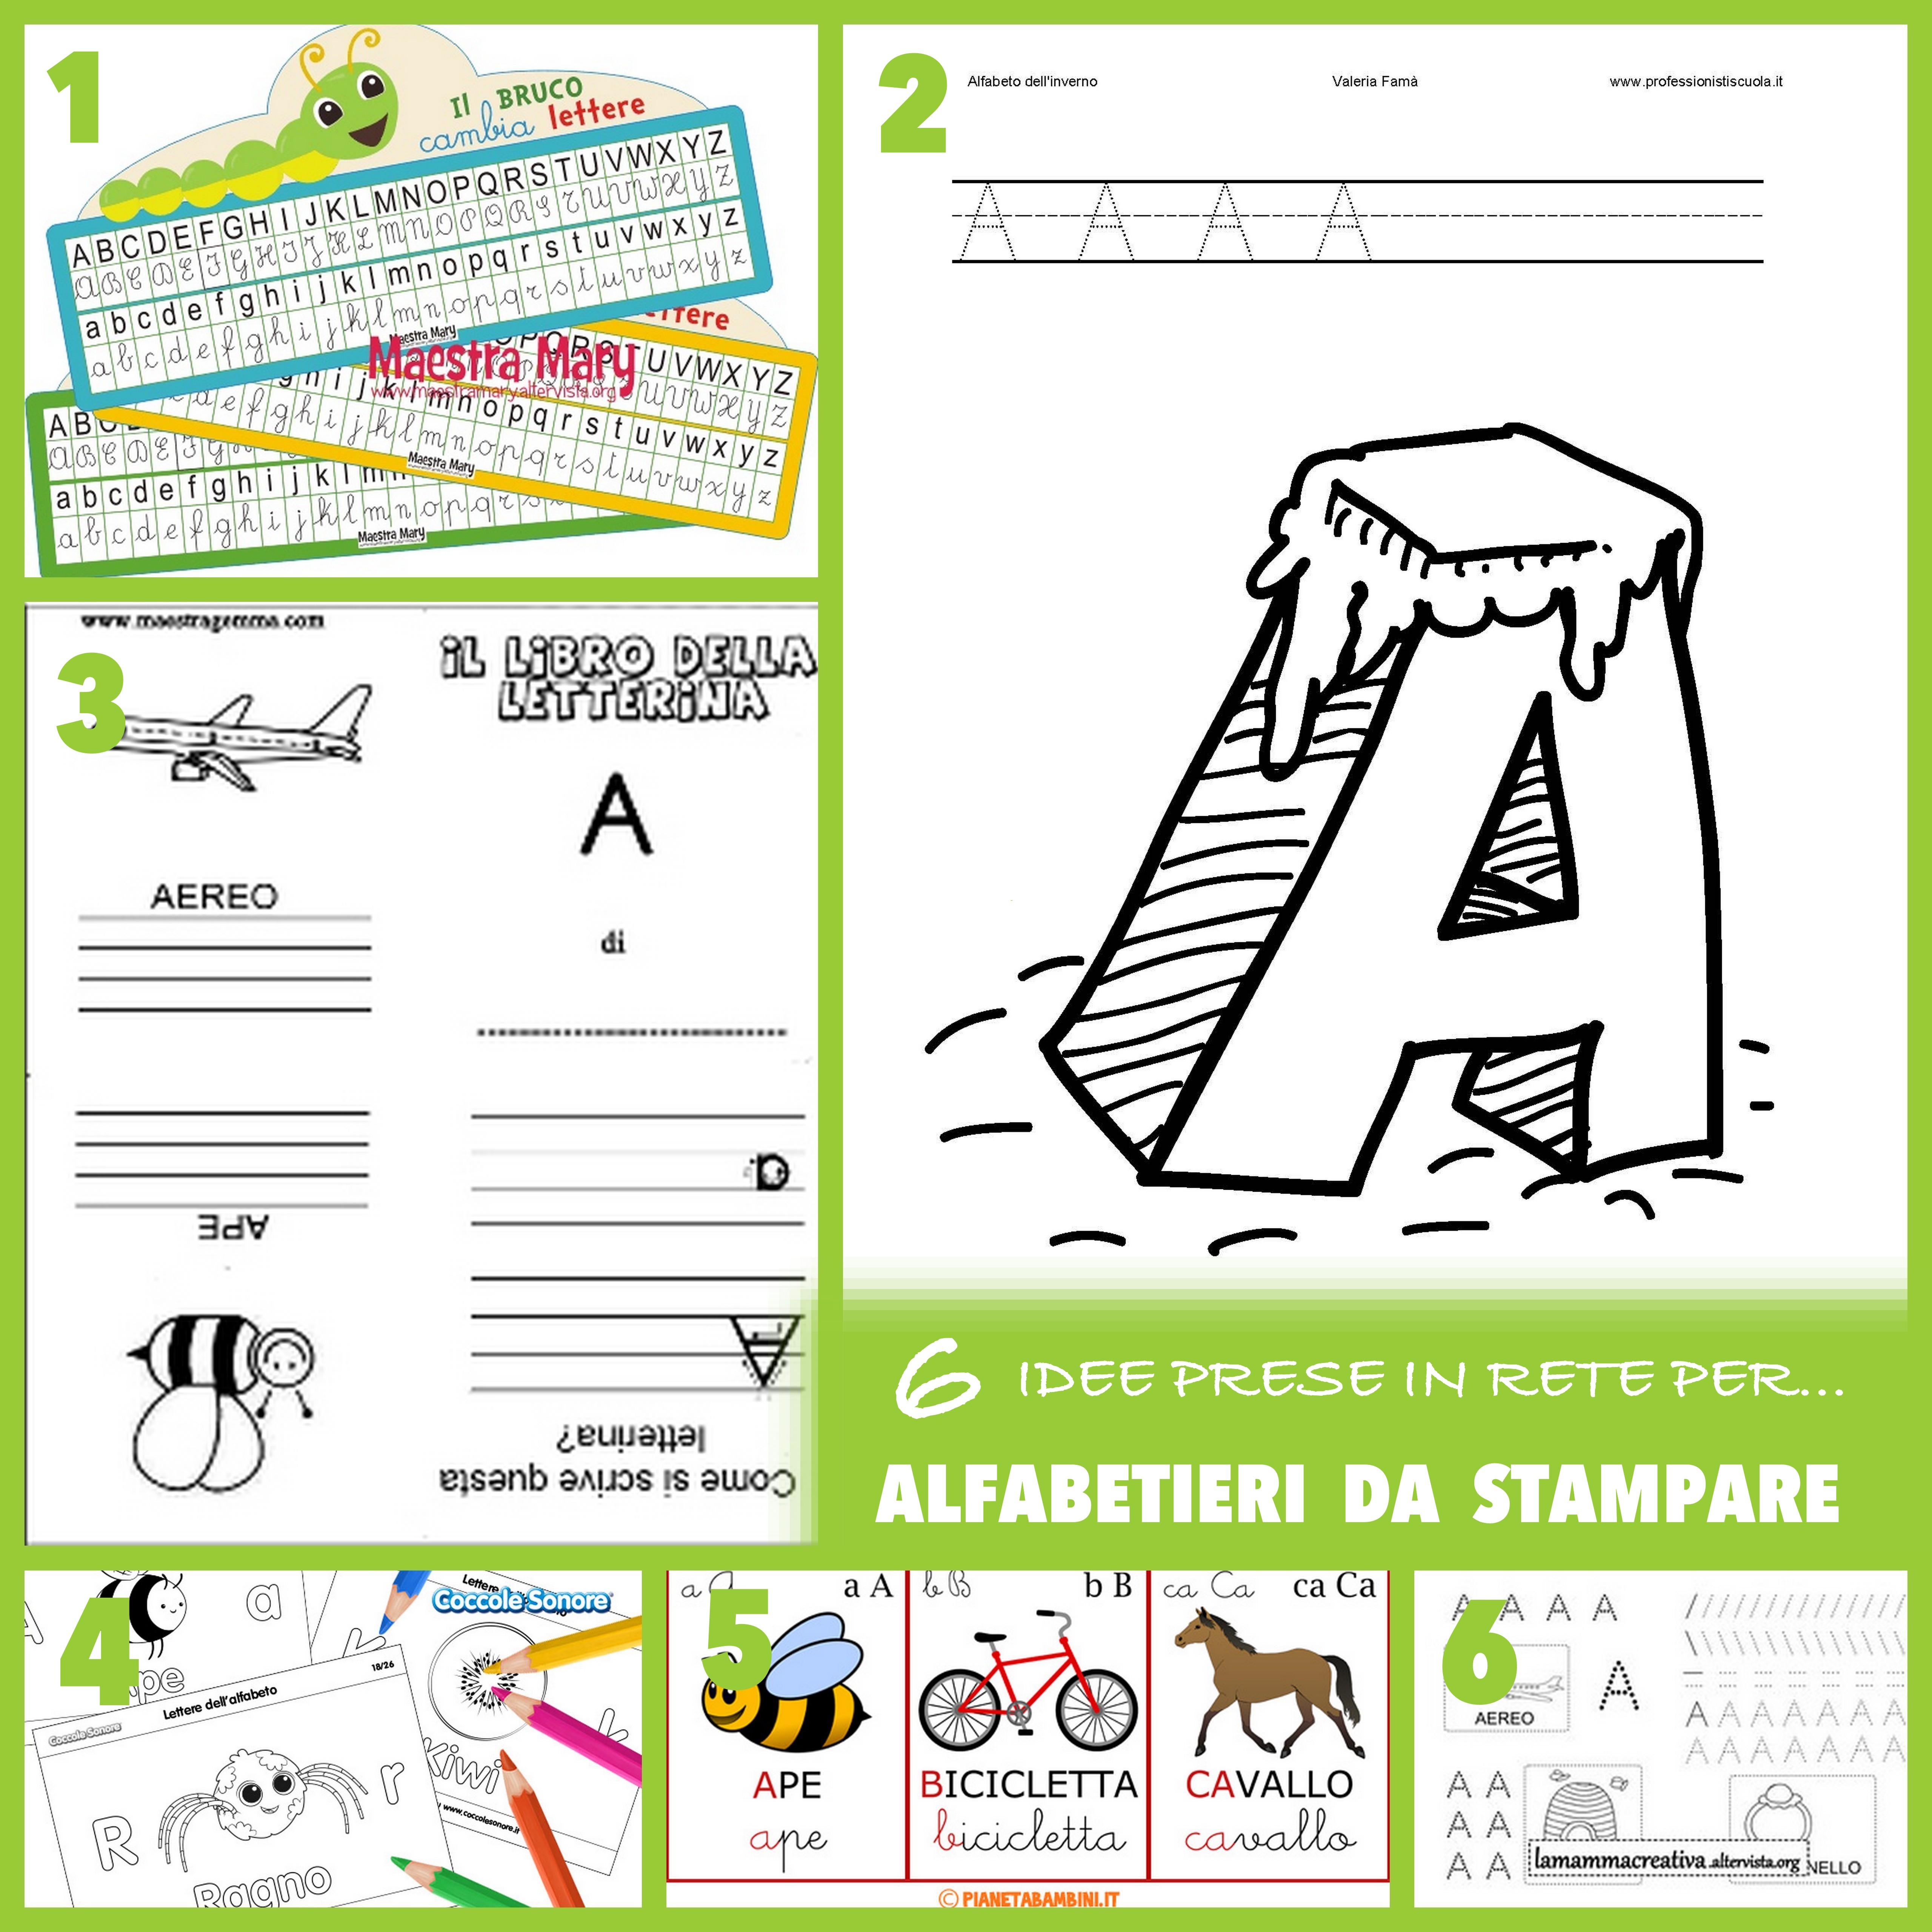 Lettere Alfabeto Da Copiare 6 idee prese in rete per… alfabetieri da stampare